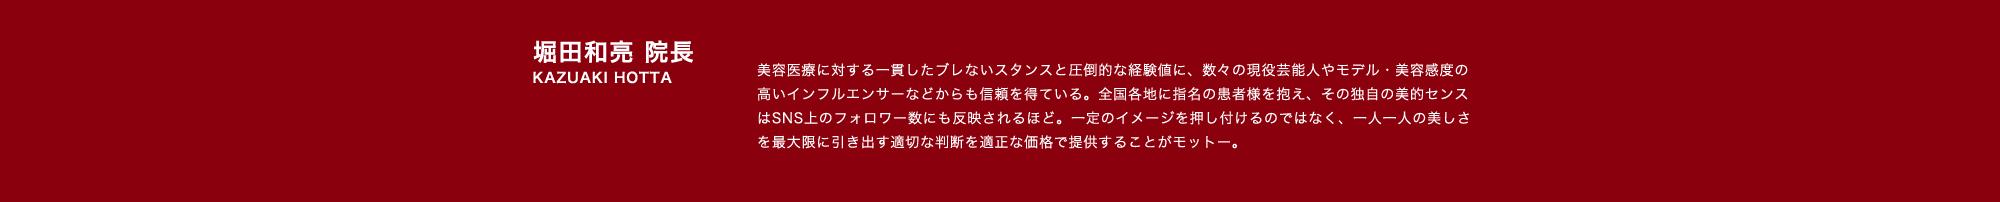 堀田和亮 院長